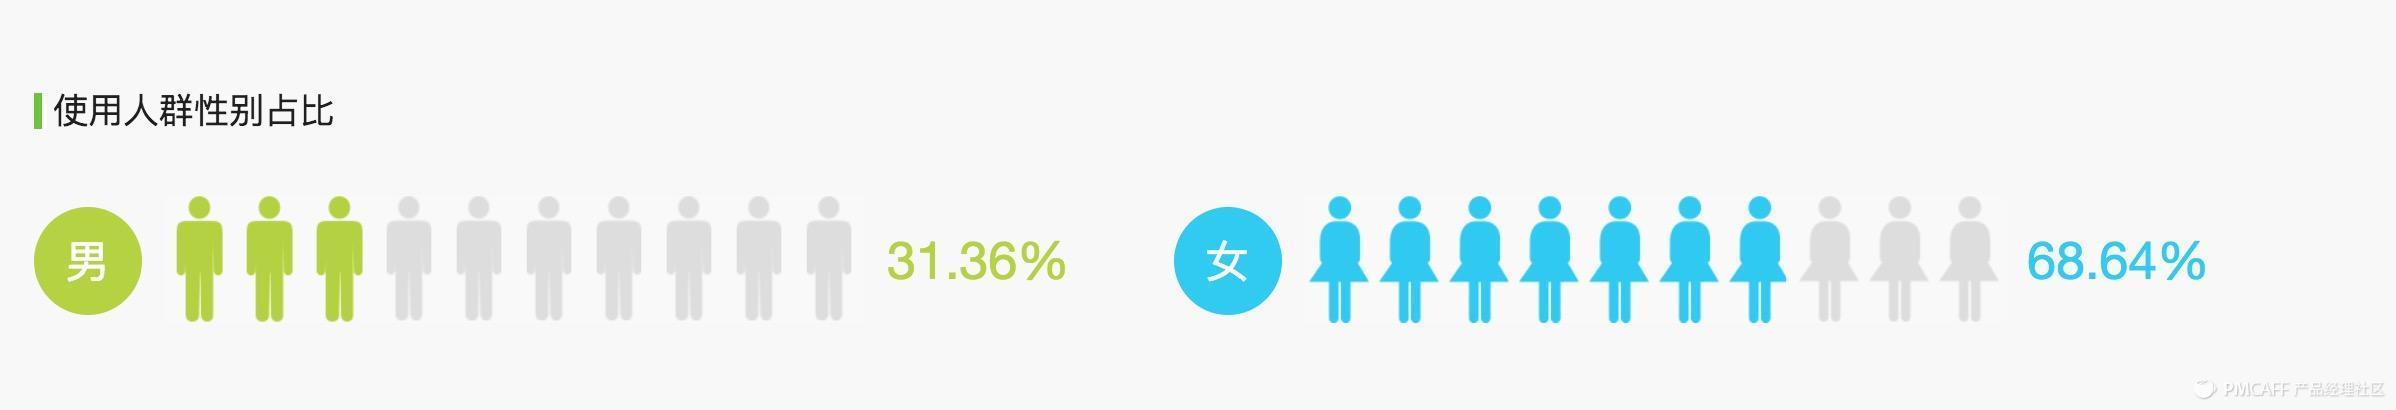 适用人群性别占比.png